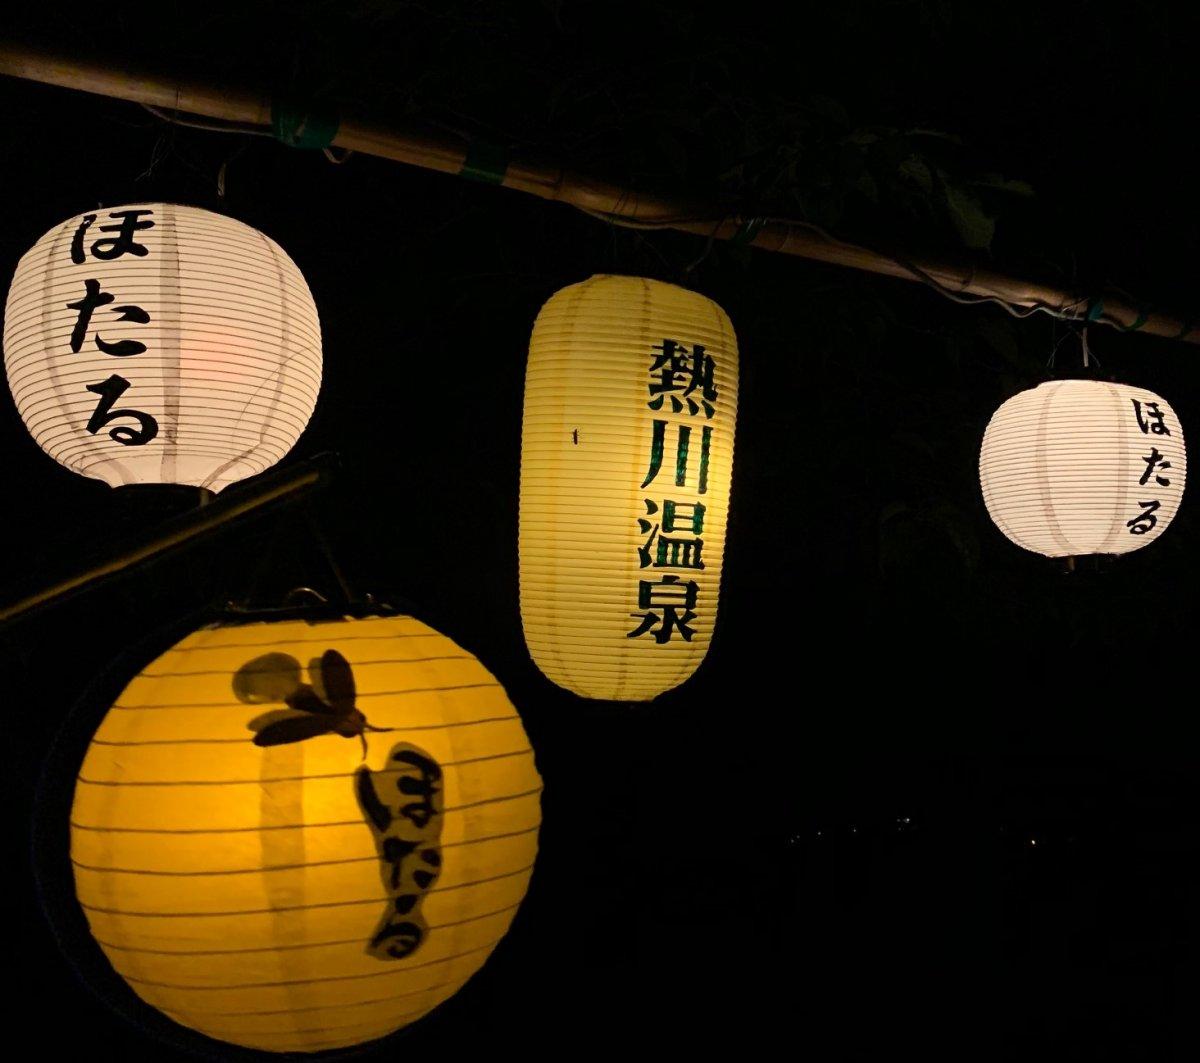 【5月24日から5月30日】奈良本けやき公園ほたる観賞会@奈良本けやき公園